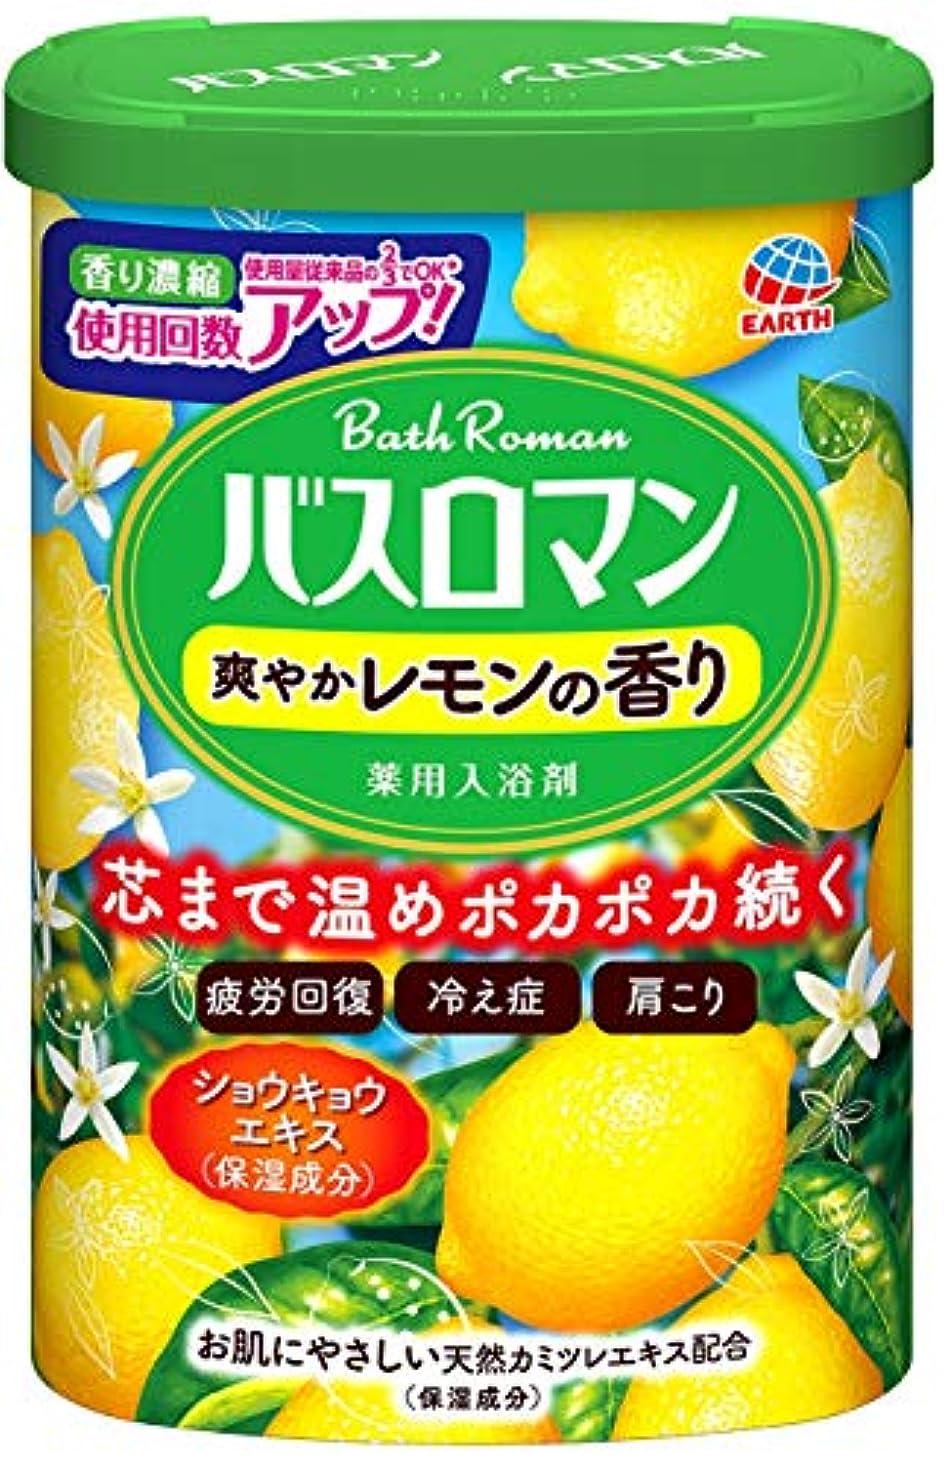 ラメ血駅【医薬部外品】バスロマン 入浴剤 爽やかレモンの香り [600g]